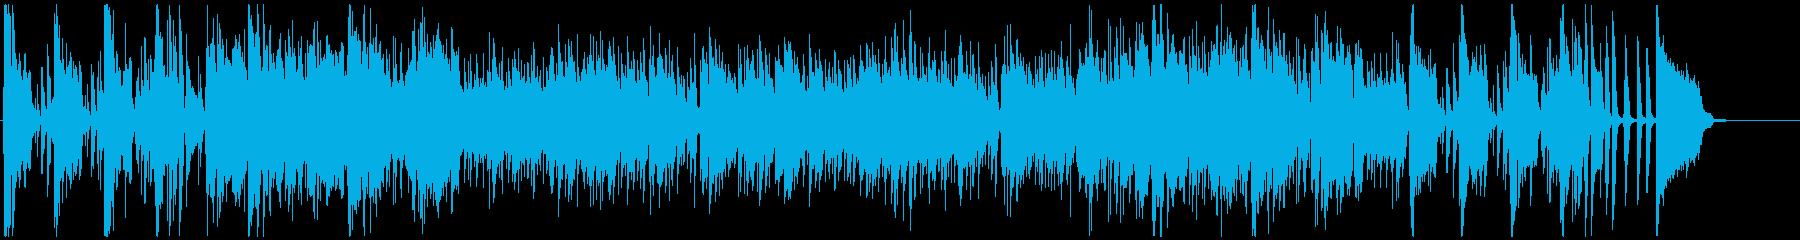 陽気なサックスとトランペットのジャズの再生済みの波形